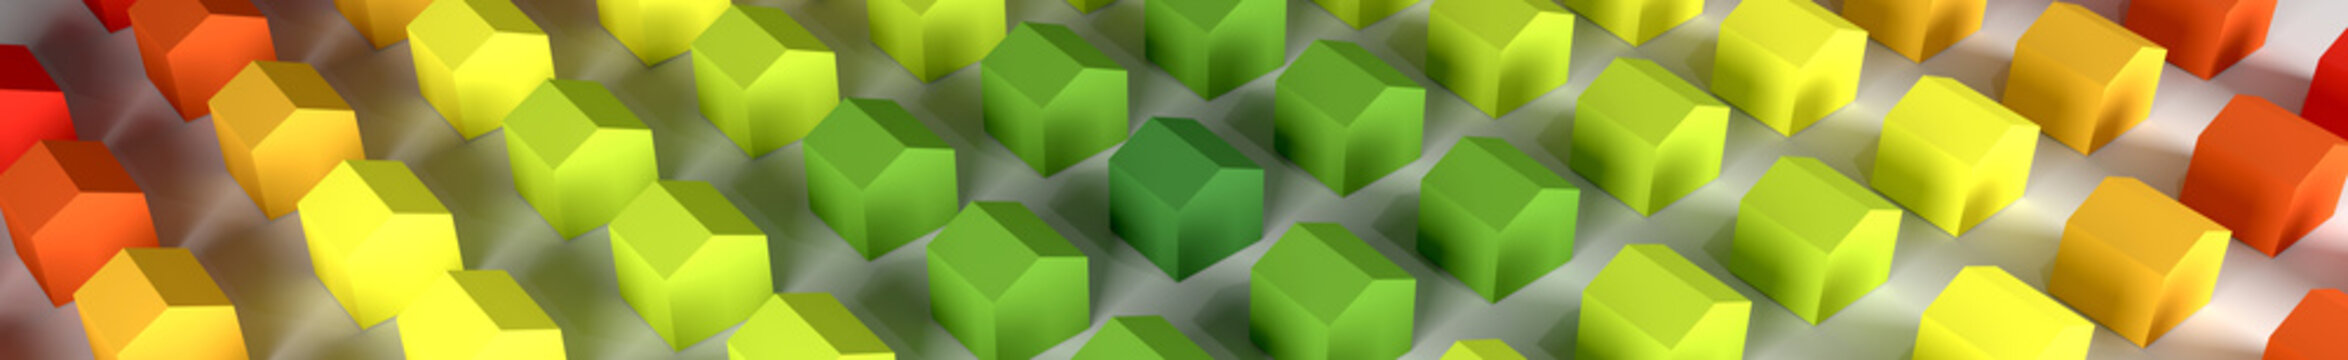 DPE 2021 réhabilitation logement et immobilier Diagnostic de Performance énergétique maisons propriétaires échelle énergétique bannière